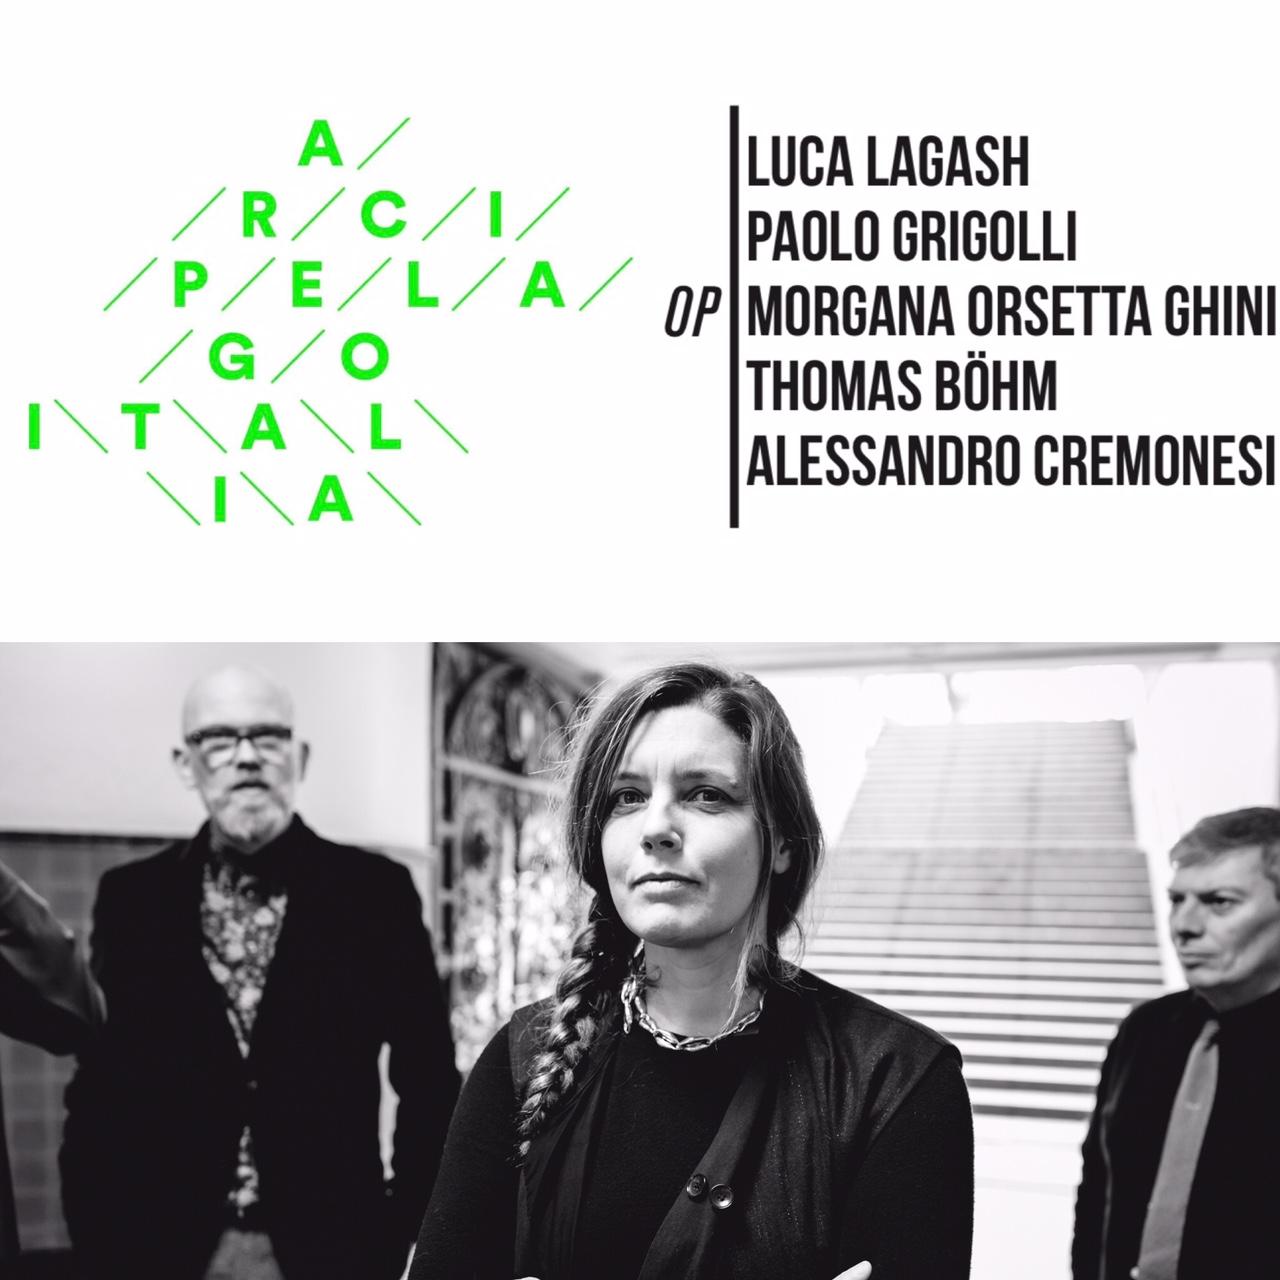 Arcipelago Italia 16. Mostra internazionale di Architettura della Biennale di Venezia 2018